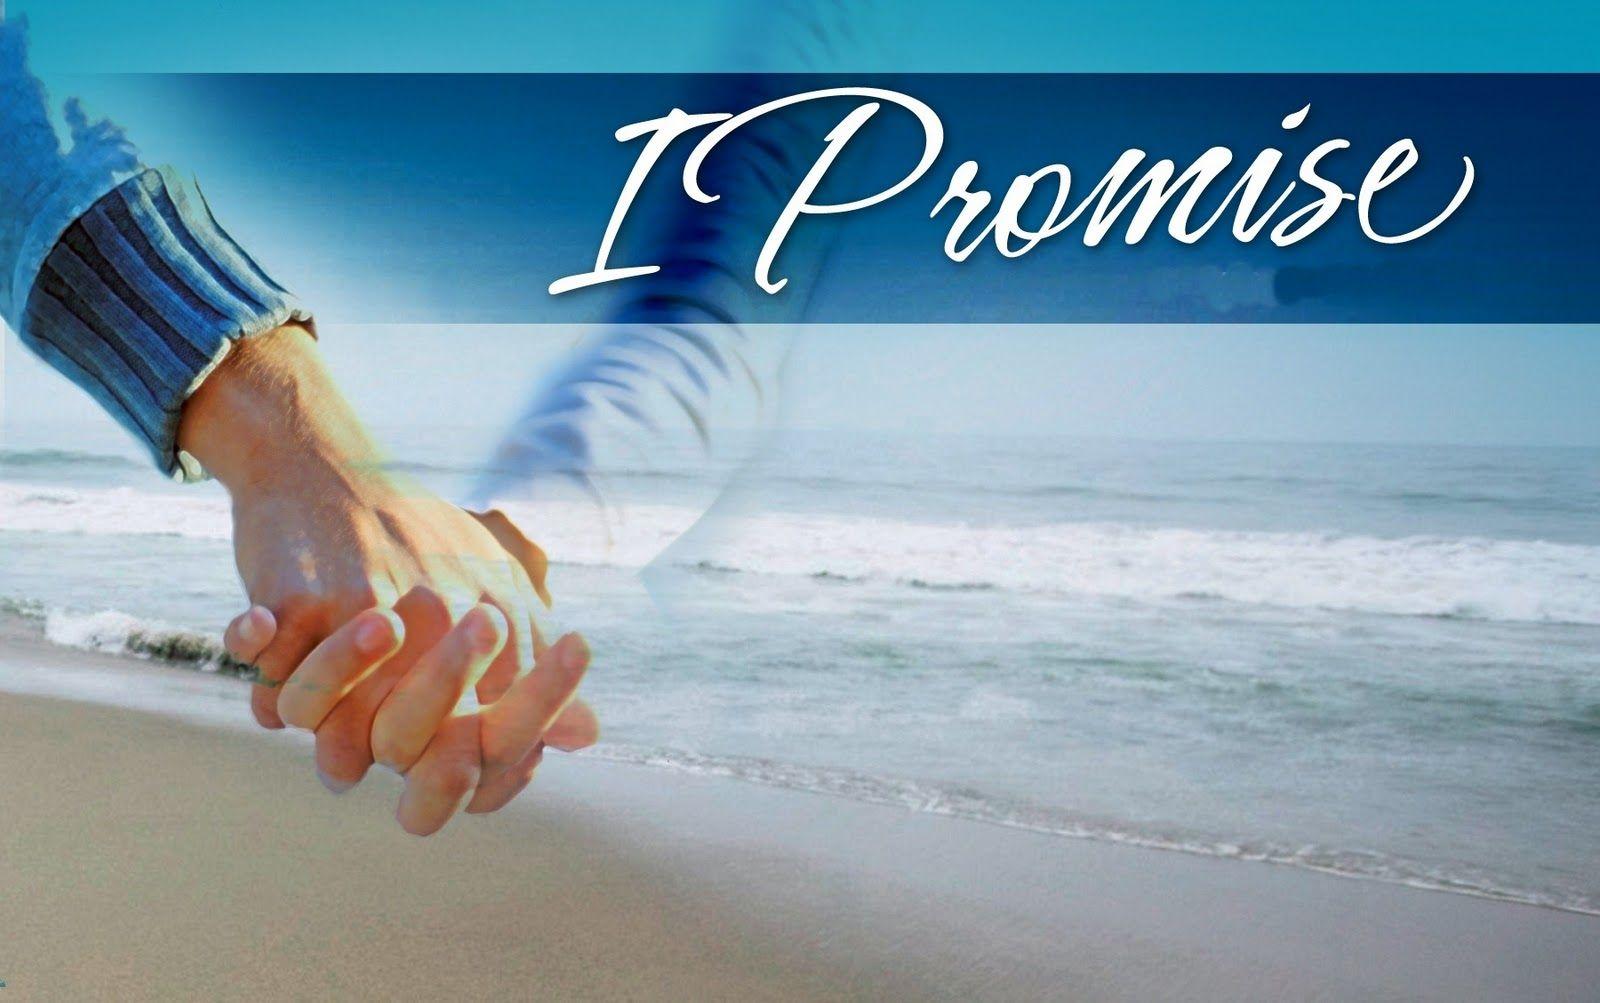 I Promise Hand In Hand Love Wallpaper | I Promise Hand In Hand Love  Wallpaper 1080p, I Promise Hand In Hand Love Wallpaper Desktop, I Promise  Hand U2026